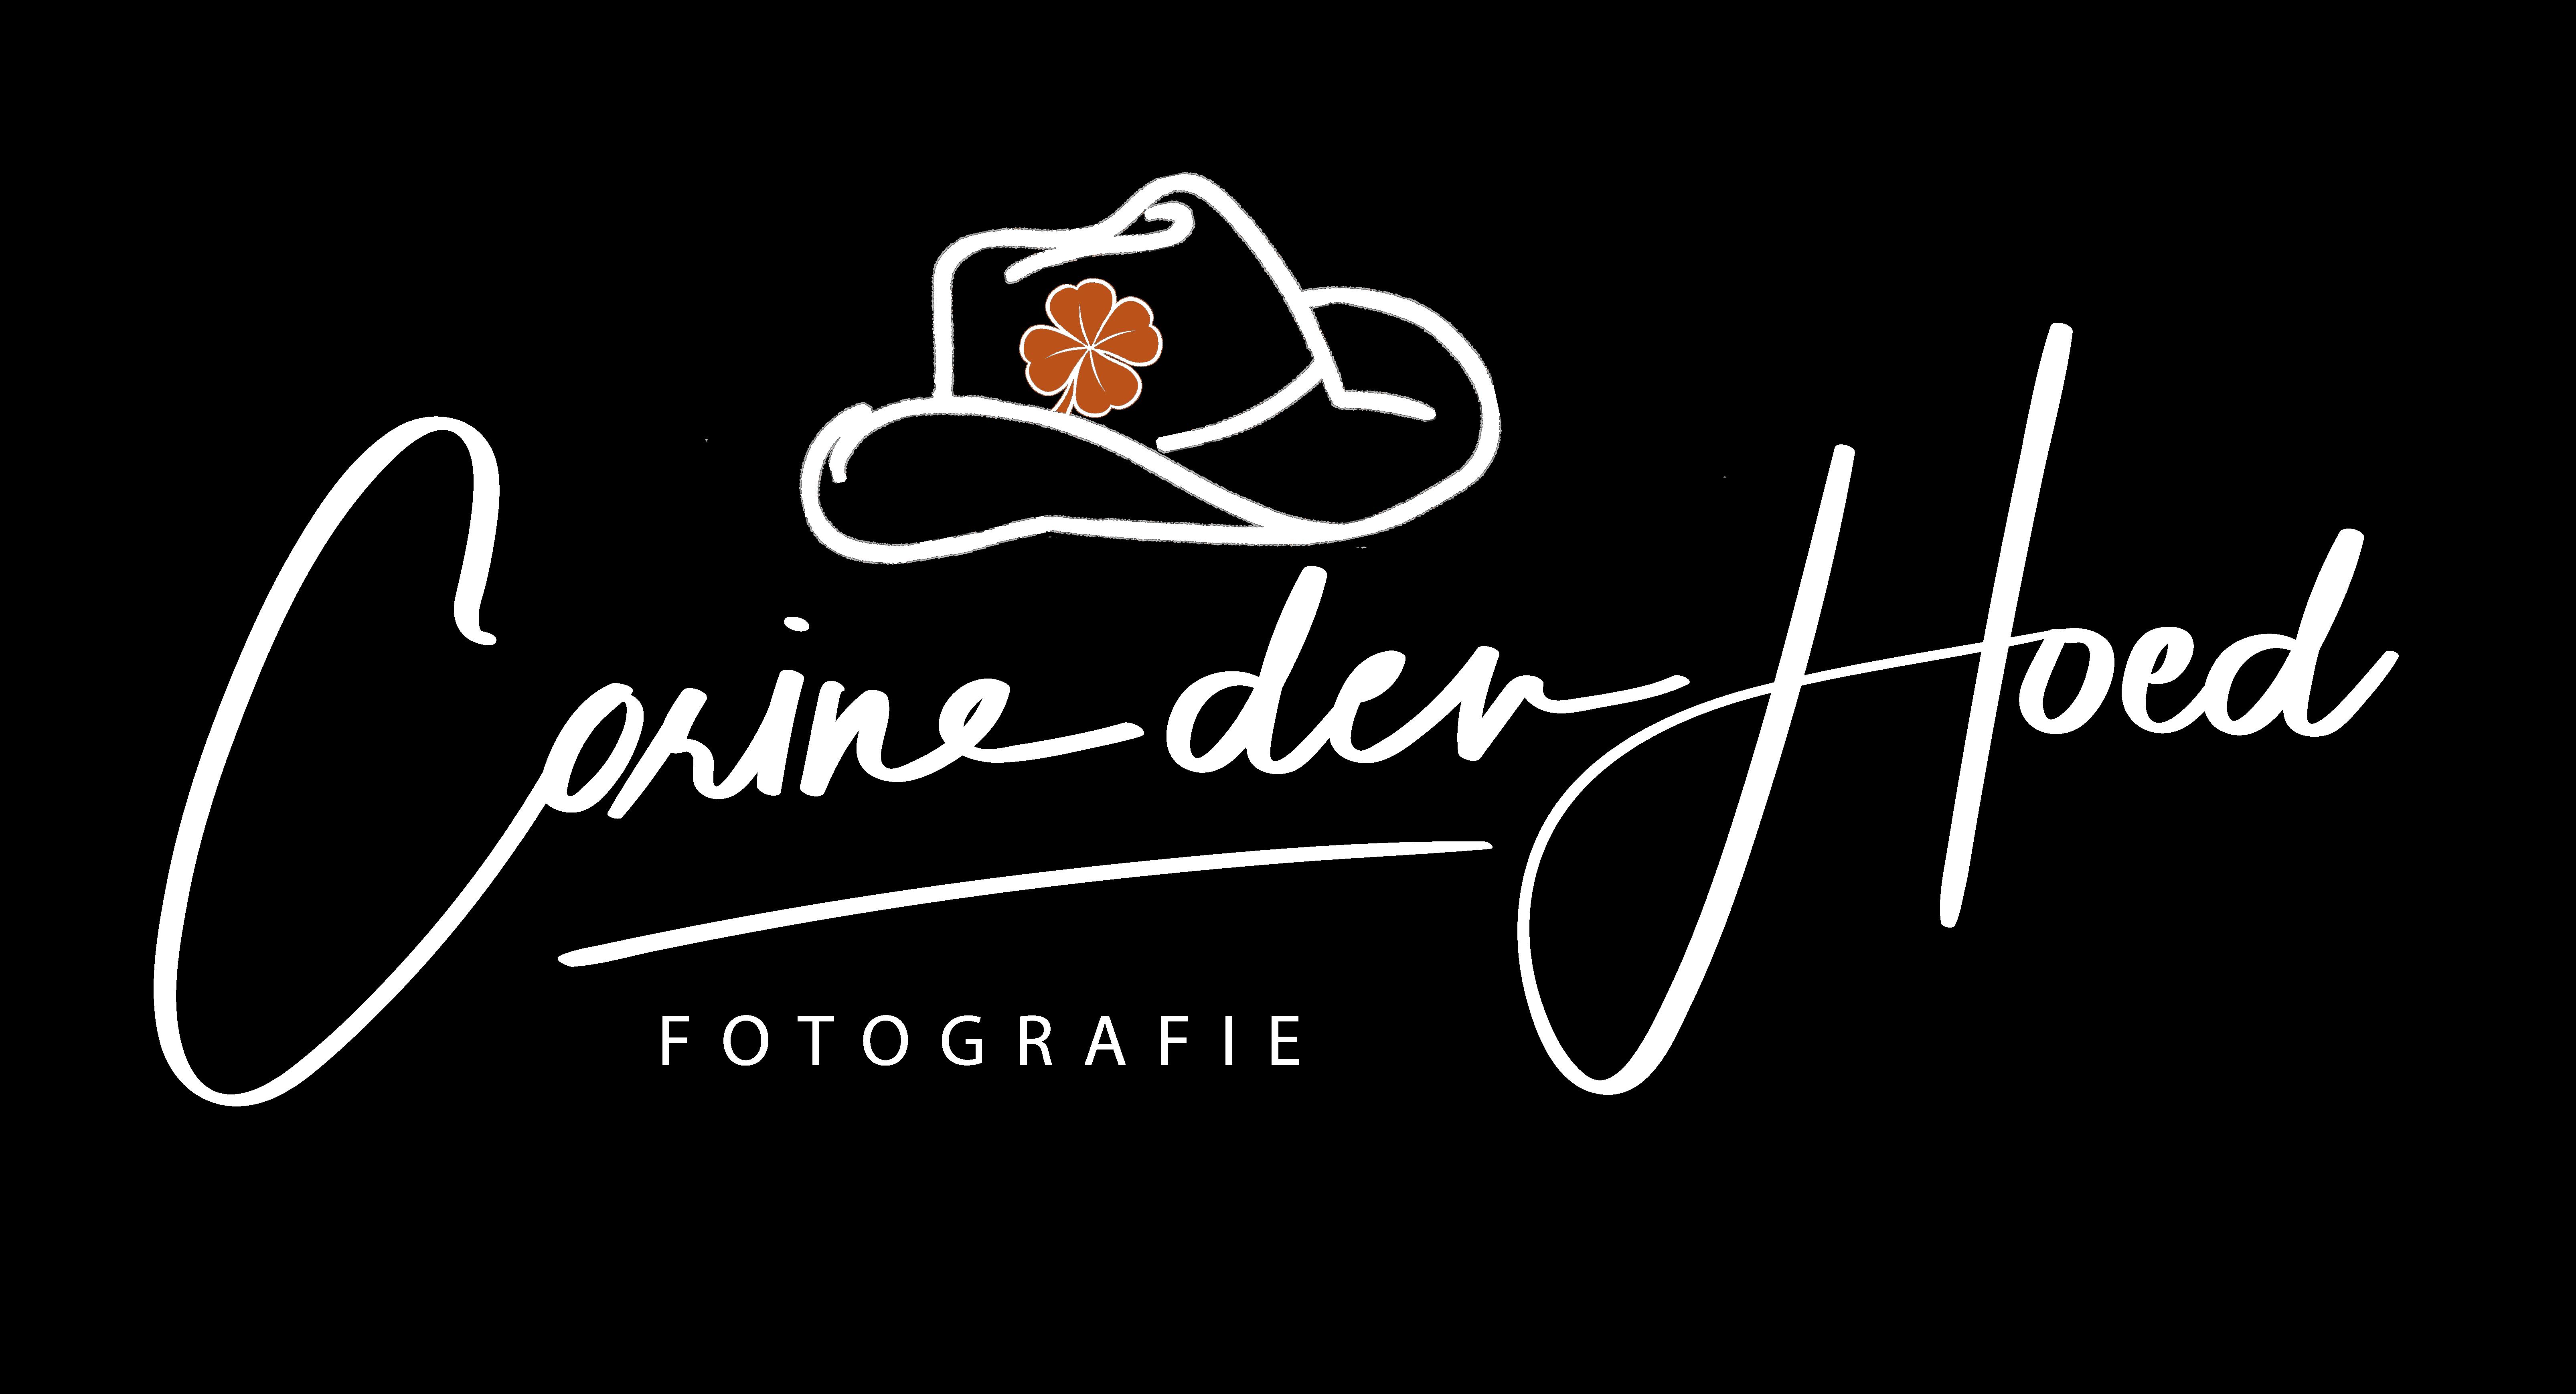 Corine den Hoed Fotografie